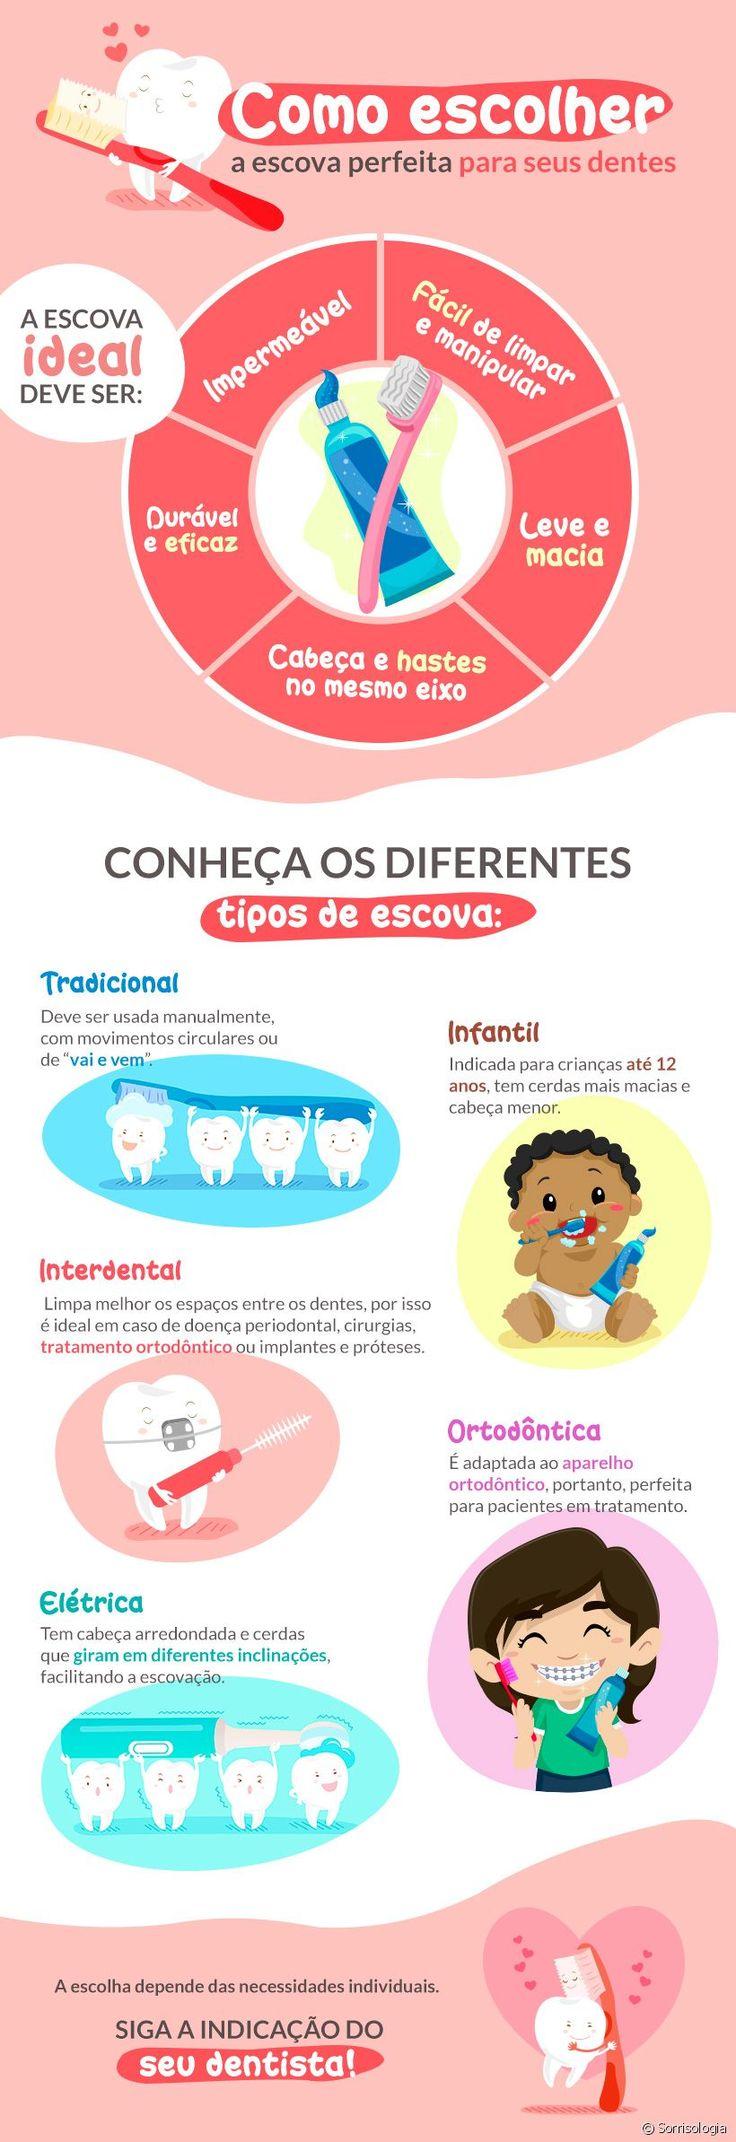 A escolha da escova de dente é um fator que pode fazer grande diferença na sua escovação. Saiba como decidir qual tipo é melhor para você!